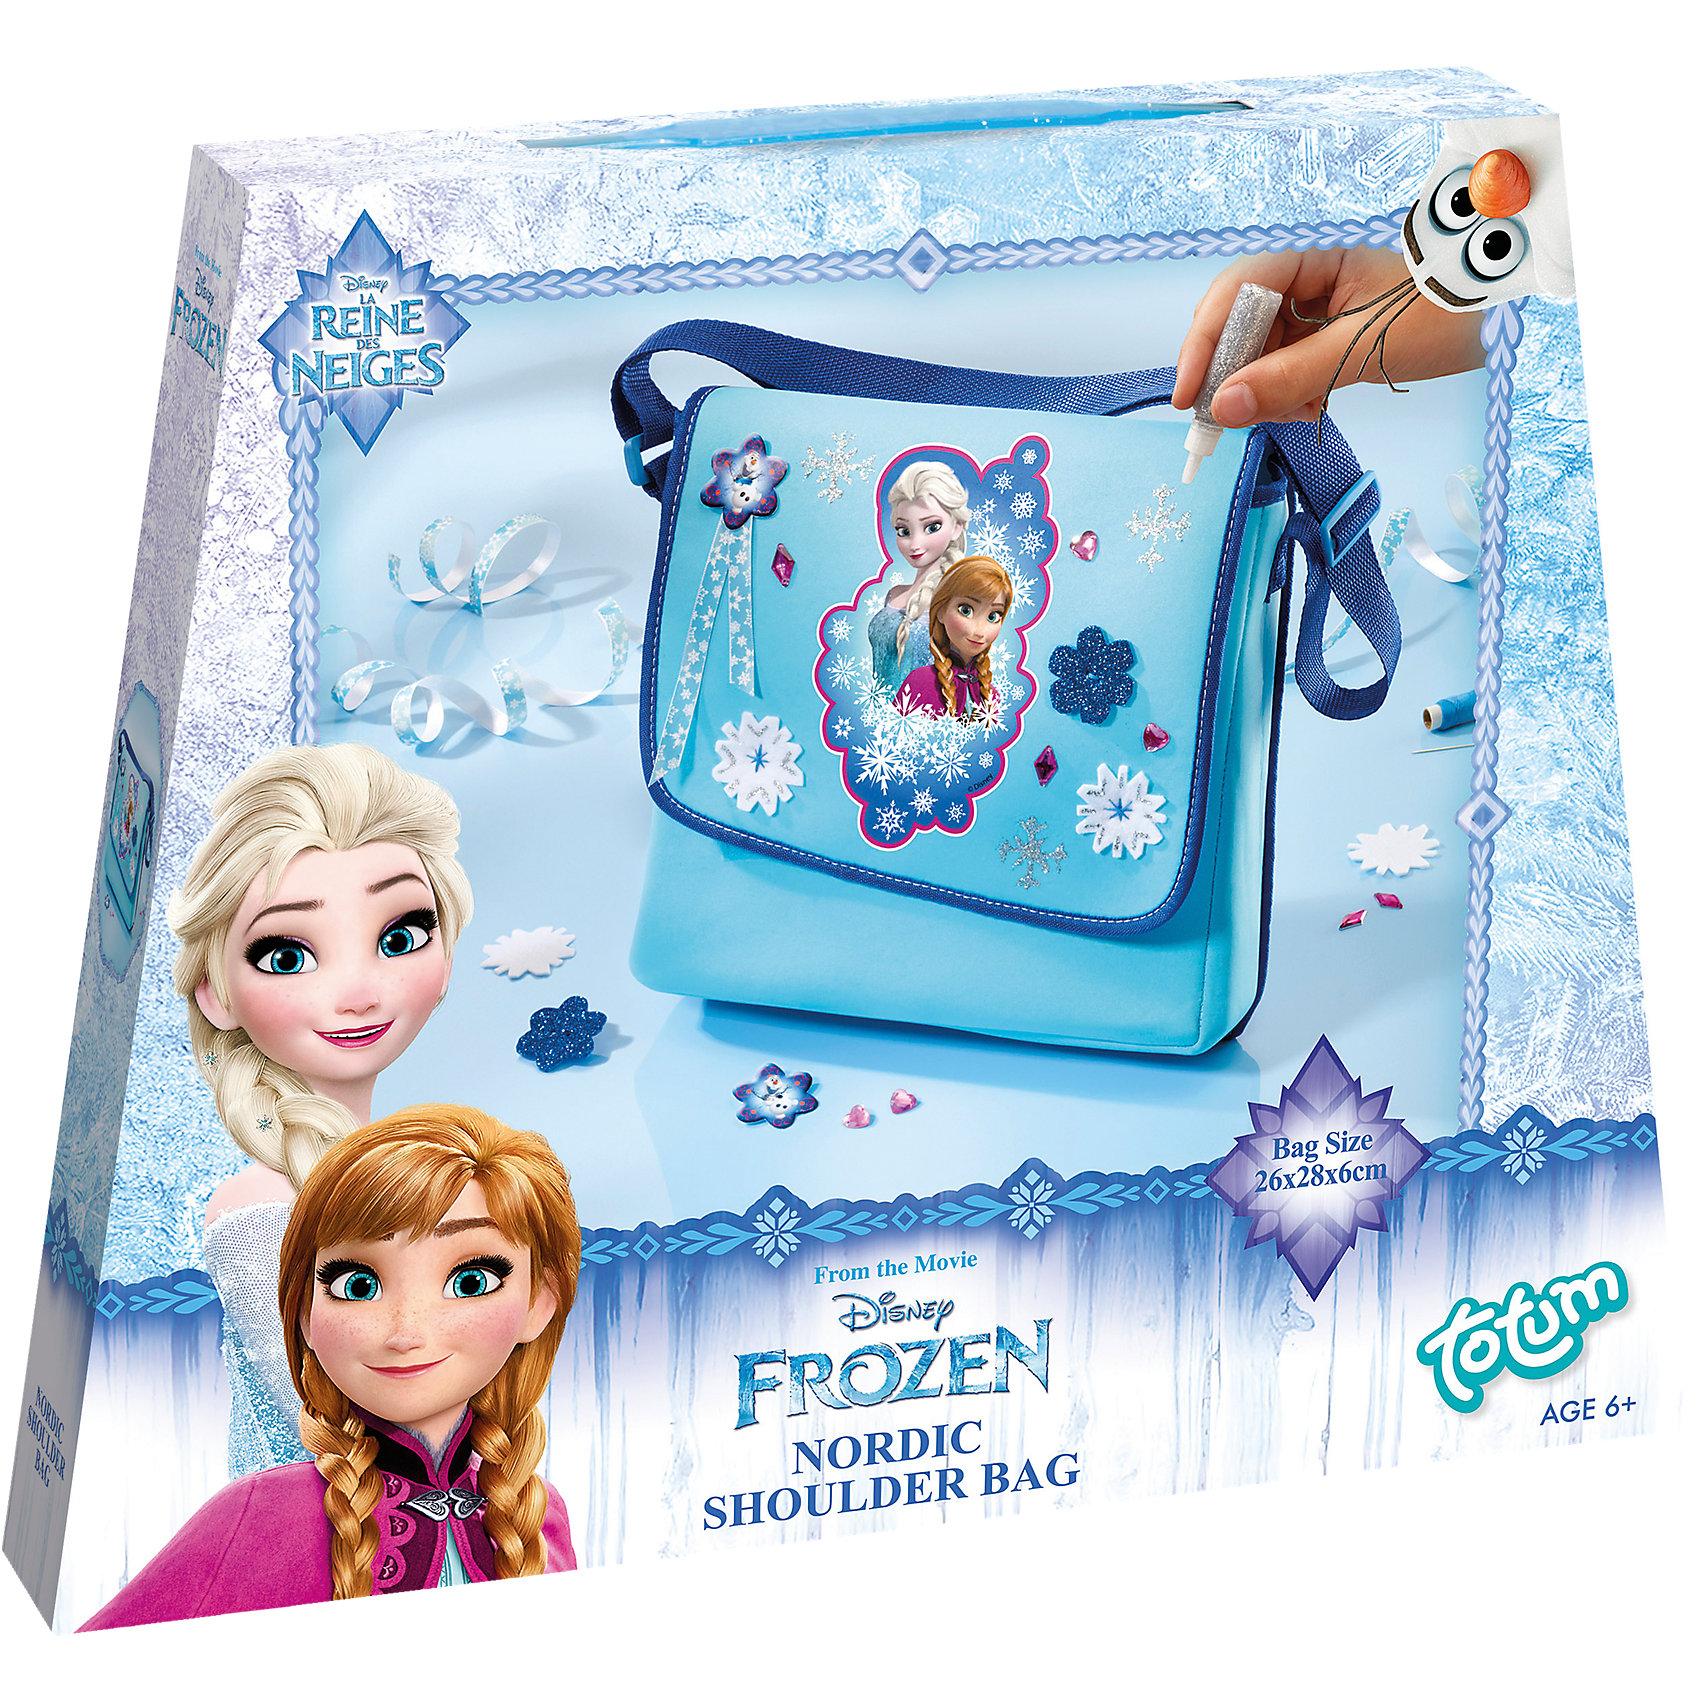 Набор для творчества FROZEN сумочкаНабор для изготовления сумочки Холодное сердце. В набор входят: сумка на длинном ремешке, различные стразы, объемные пуговицы Холодное сердце, материал с блестками в форме цветка, фетровые снежинки, голубая нить, иголка, серебристый клей с блестками, лента Холодное сердце, инструкция. Что ты сможешь сделать: 1 сумку через плечо с неповторимым оформлением. Рекомендуемый возраст: 6+<br><br>Ширина мм: 245<br>Глубина мм: 294<br>Высота мм: 43<br>Вес г: 219<br>Возраст от месяцев: 60<br>Возраст до месяцев: 120<br>Пол: Женский<br>Возраст: Детский<br>SKU: 3683248